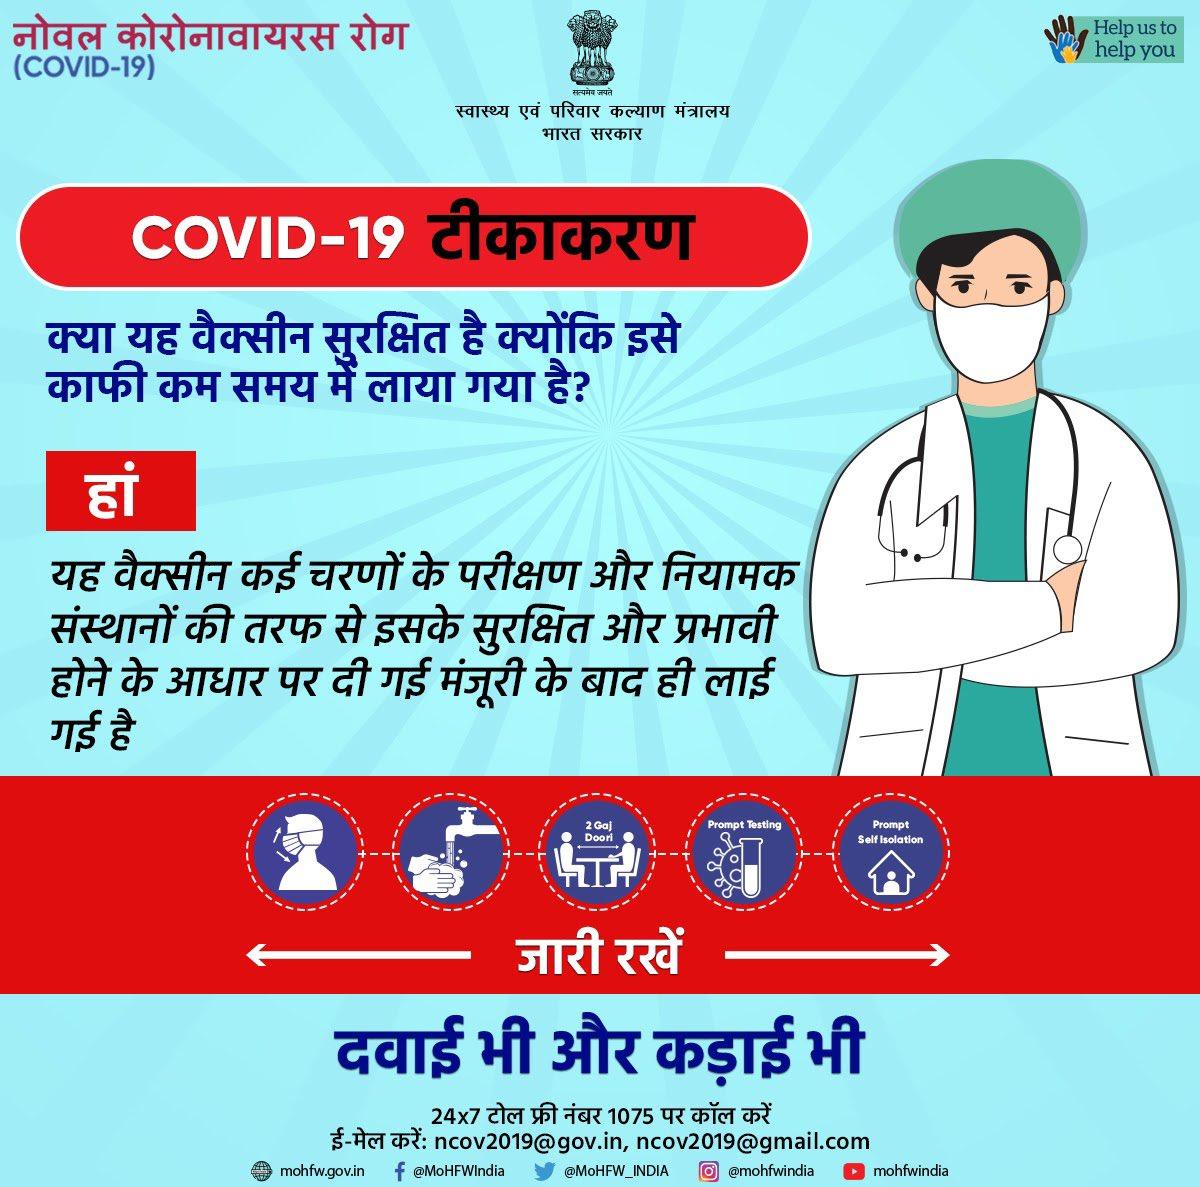 💉 वैक्सीन सुरक्षित हैं  💉 वैक्सीन घातक बीमारियों को रोकते हैं  💉 वैक्सीन बेहतर प्रतिरक्षा प्रदान करते हैं  @PMOIndia ने 🌏 का सबसे बड़ा #COVID19 टीकाकरण अभियान शुरू किया है  अपनी बारी आने पर वैक्सीन लगवाने के लिए तैयार हो जाएं  #TogetherAgainstCovid19 #LargestVaccineDrive